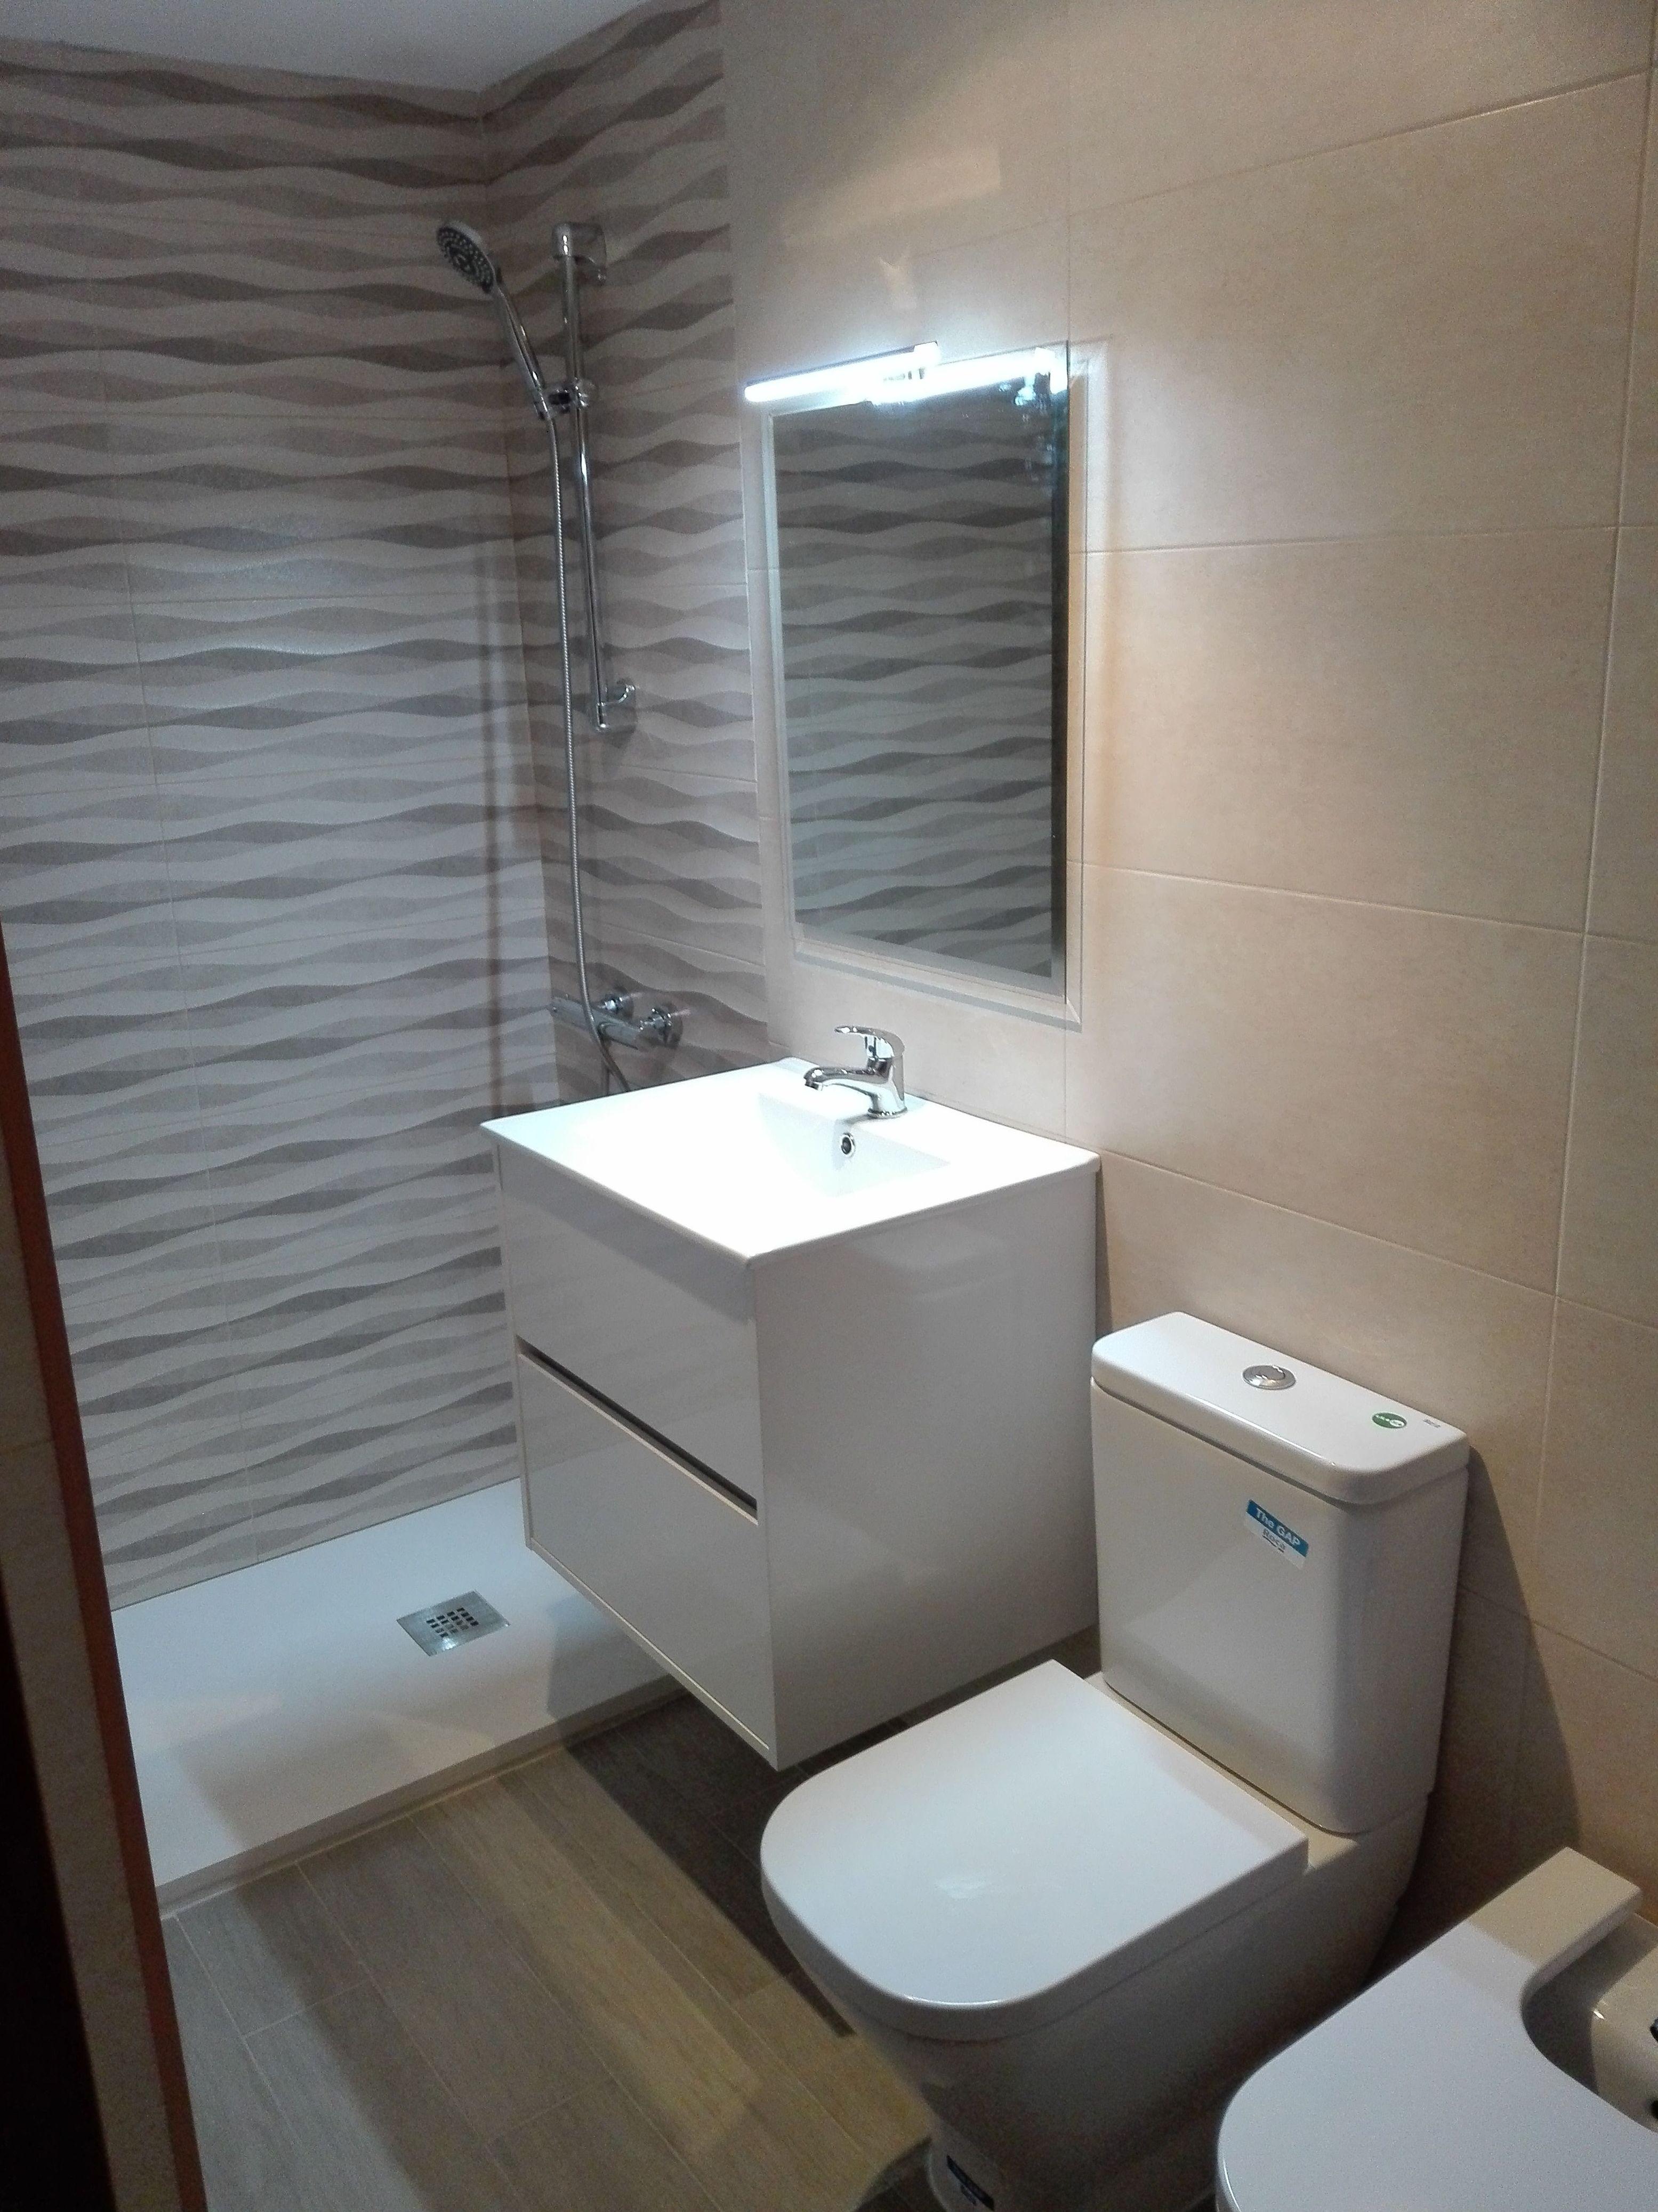 Foto 28 de Reformas de baños y cocinas en Zaragoza | REFORMAS BAÑO MODERNO